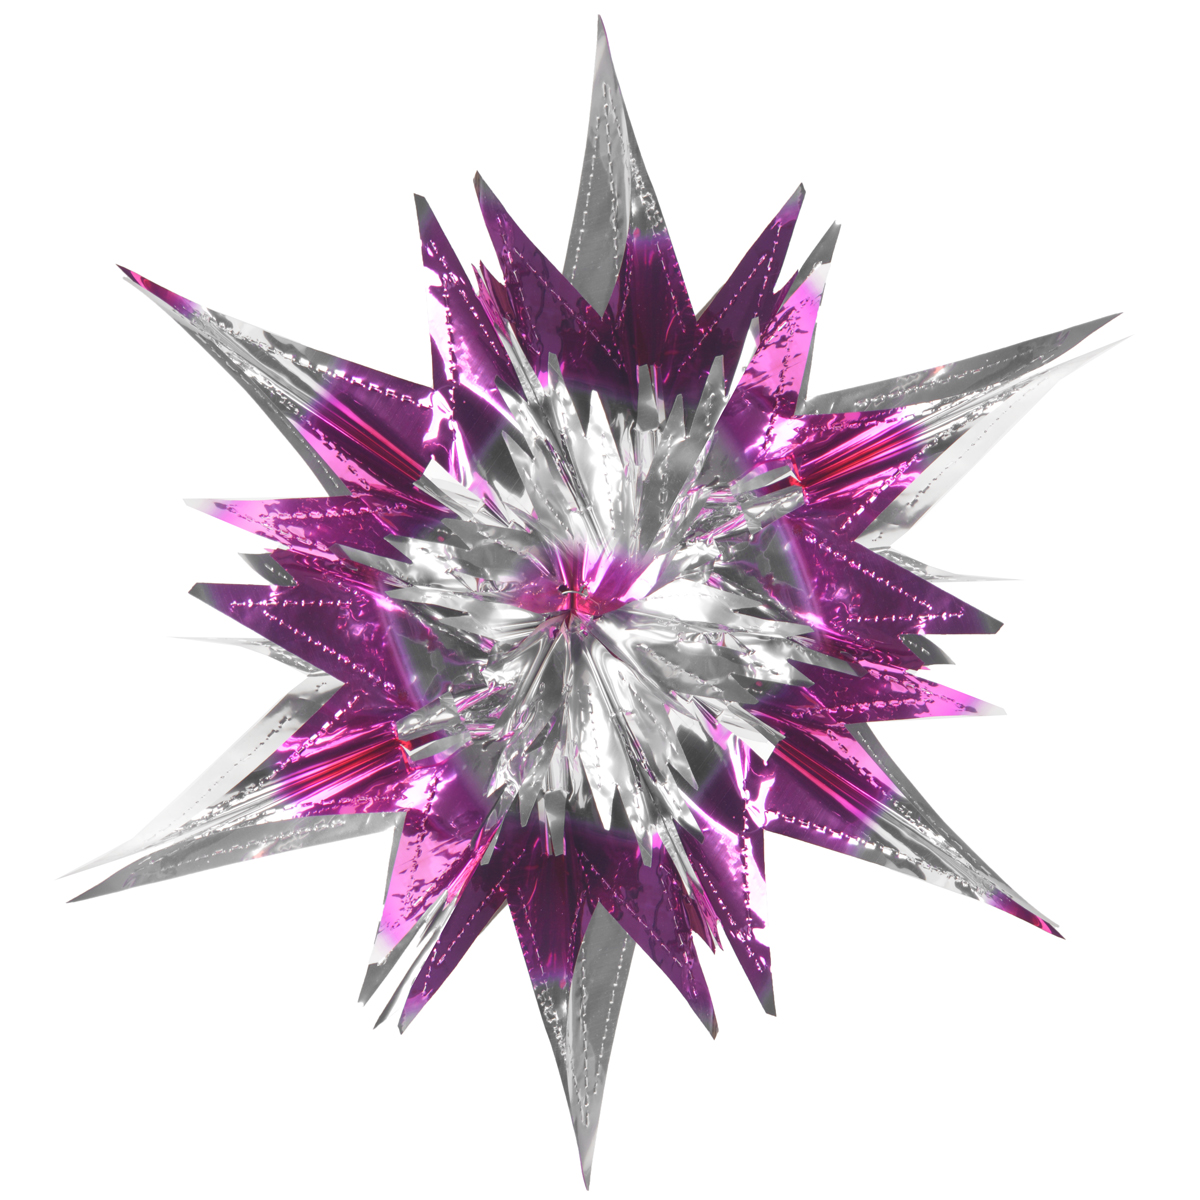 Новогоднее подвесное украшение Звезда, цвет: серебристый, сиреневый. 27009NN-612-LS-PLНовогоднее украшение Звезда отлично подойдет для декорации вашего дома и новогодней ели. Украшение выполнено из ПВХ в форме многогранной многоцветной звезды. С помощью специальной петельки звезду можно повесить в любом понравившемся вам месте. Украшение легко складывается и раскладывается благодаря металлическим кольцам. Новогодние украшения несут в себе волшебство и красоту праздника. Они помогут вам украсить дом к предстоящим праздникам и оживить интерьер по вашему вкусу. Создайте в доме атмосферу тепла, веселья и радости, украшая его всей семьей. Коллекция декоративных украшений из серии Magic Time принесет в ваш дом ни с чем не сравнимое ощущение волшебства!Размер украшения (в сложенном виде): 25 см х 21,5 см.